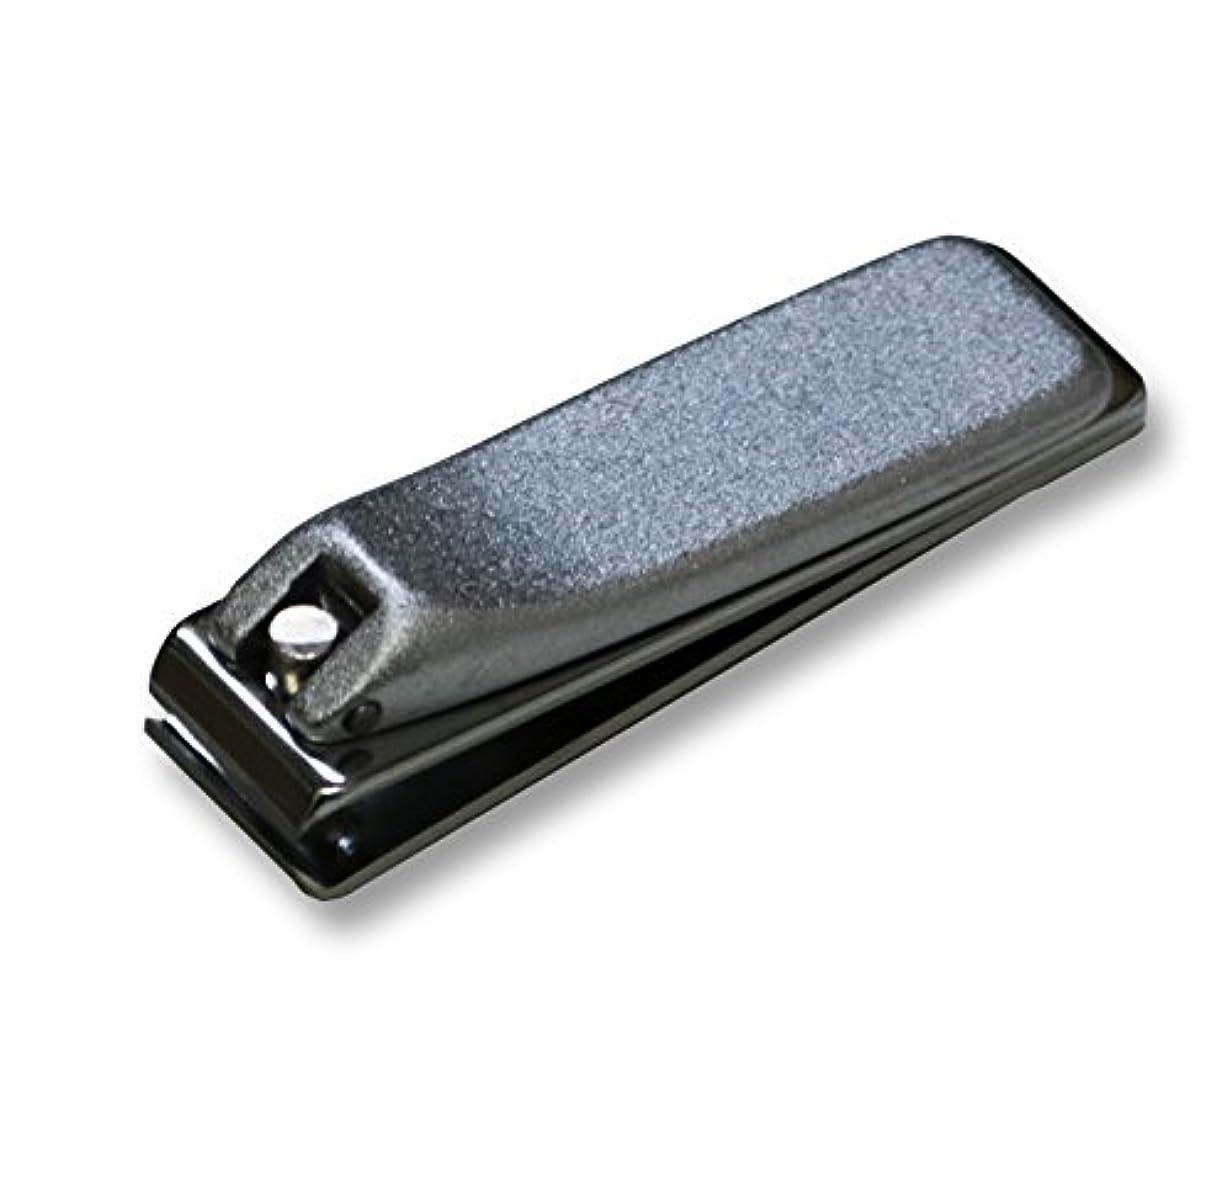 線国民投票情熱的KD-035 関の刃物 クローム爪切 直刃 小 カバー無